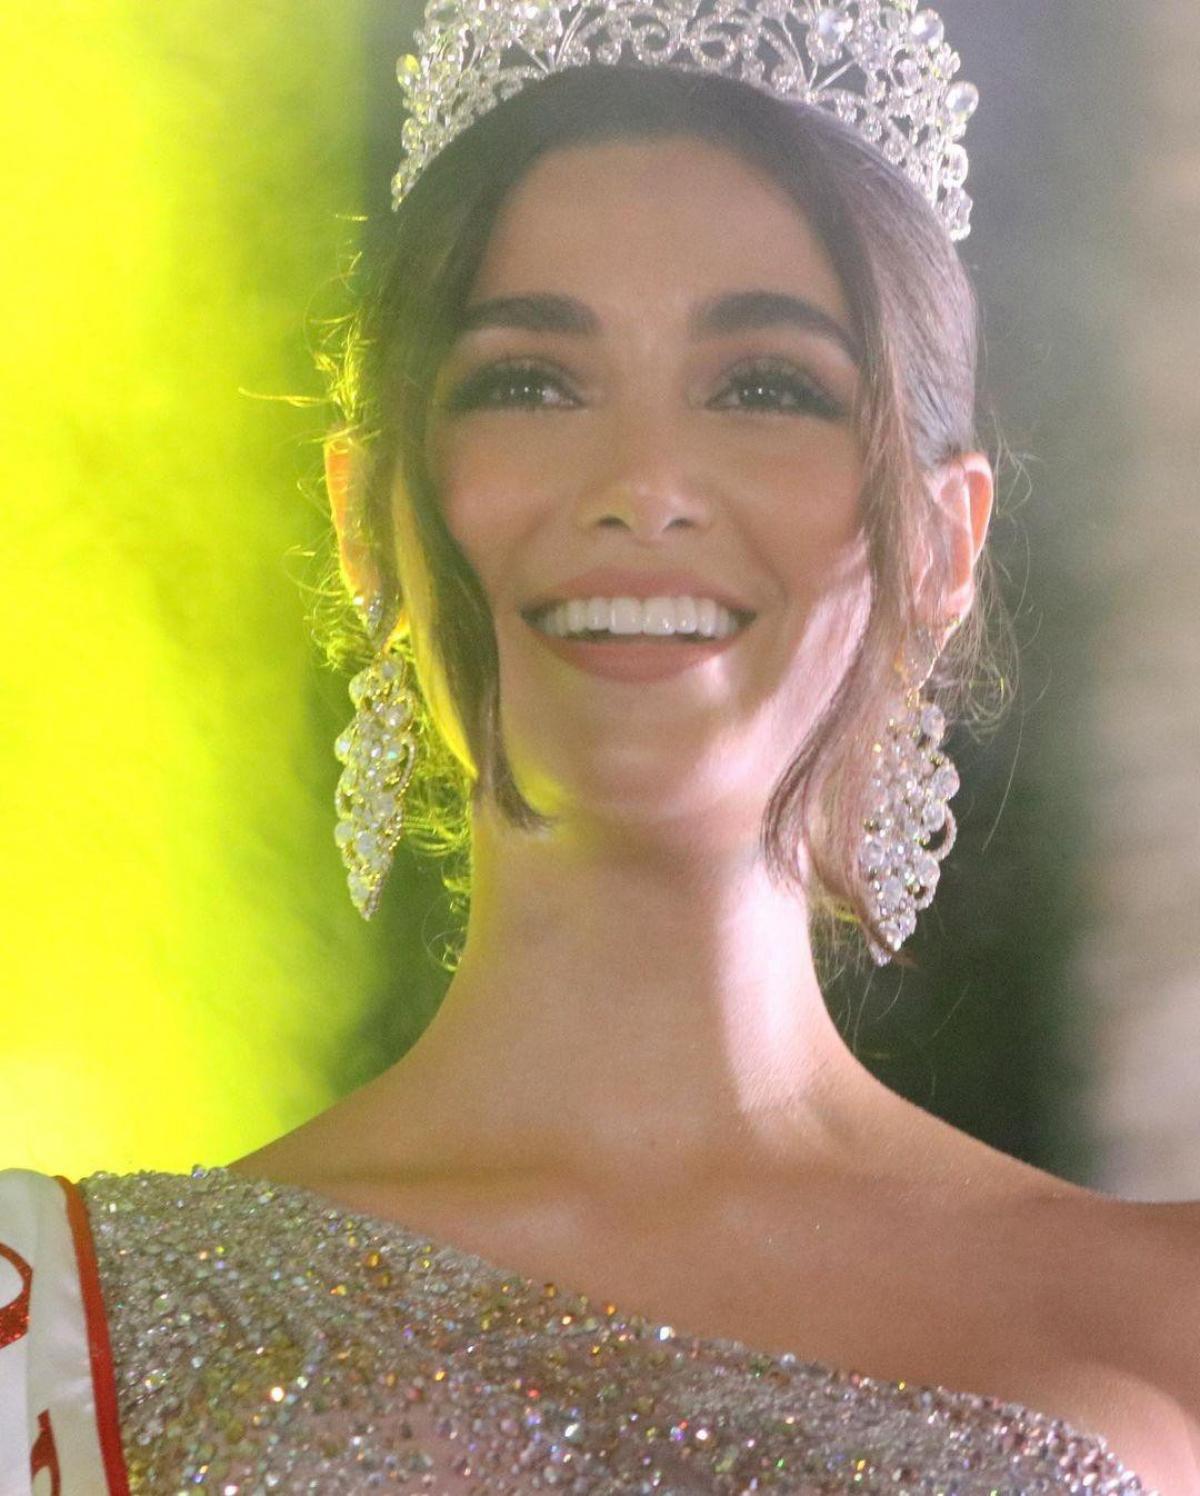 Mariana Jaramillo, 21 tuổi, sở hữu nhan sắc xinh đẹp và body nóng bỏng, đậm chất Latinh.